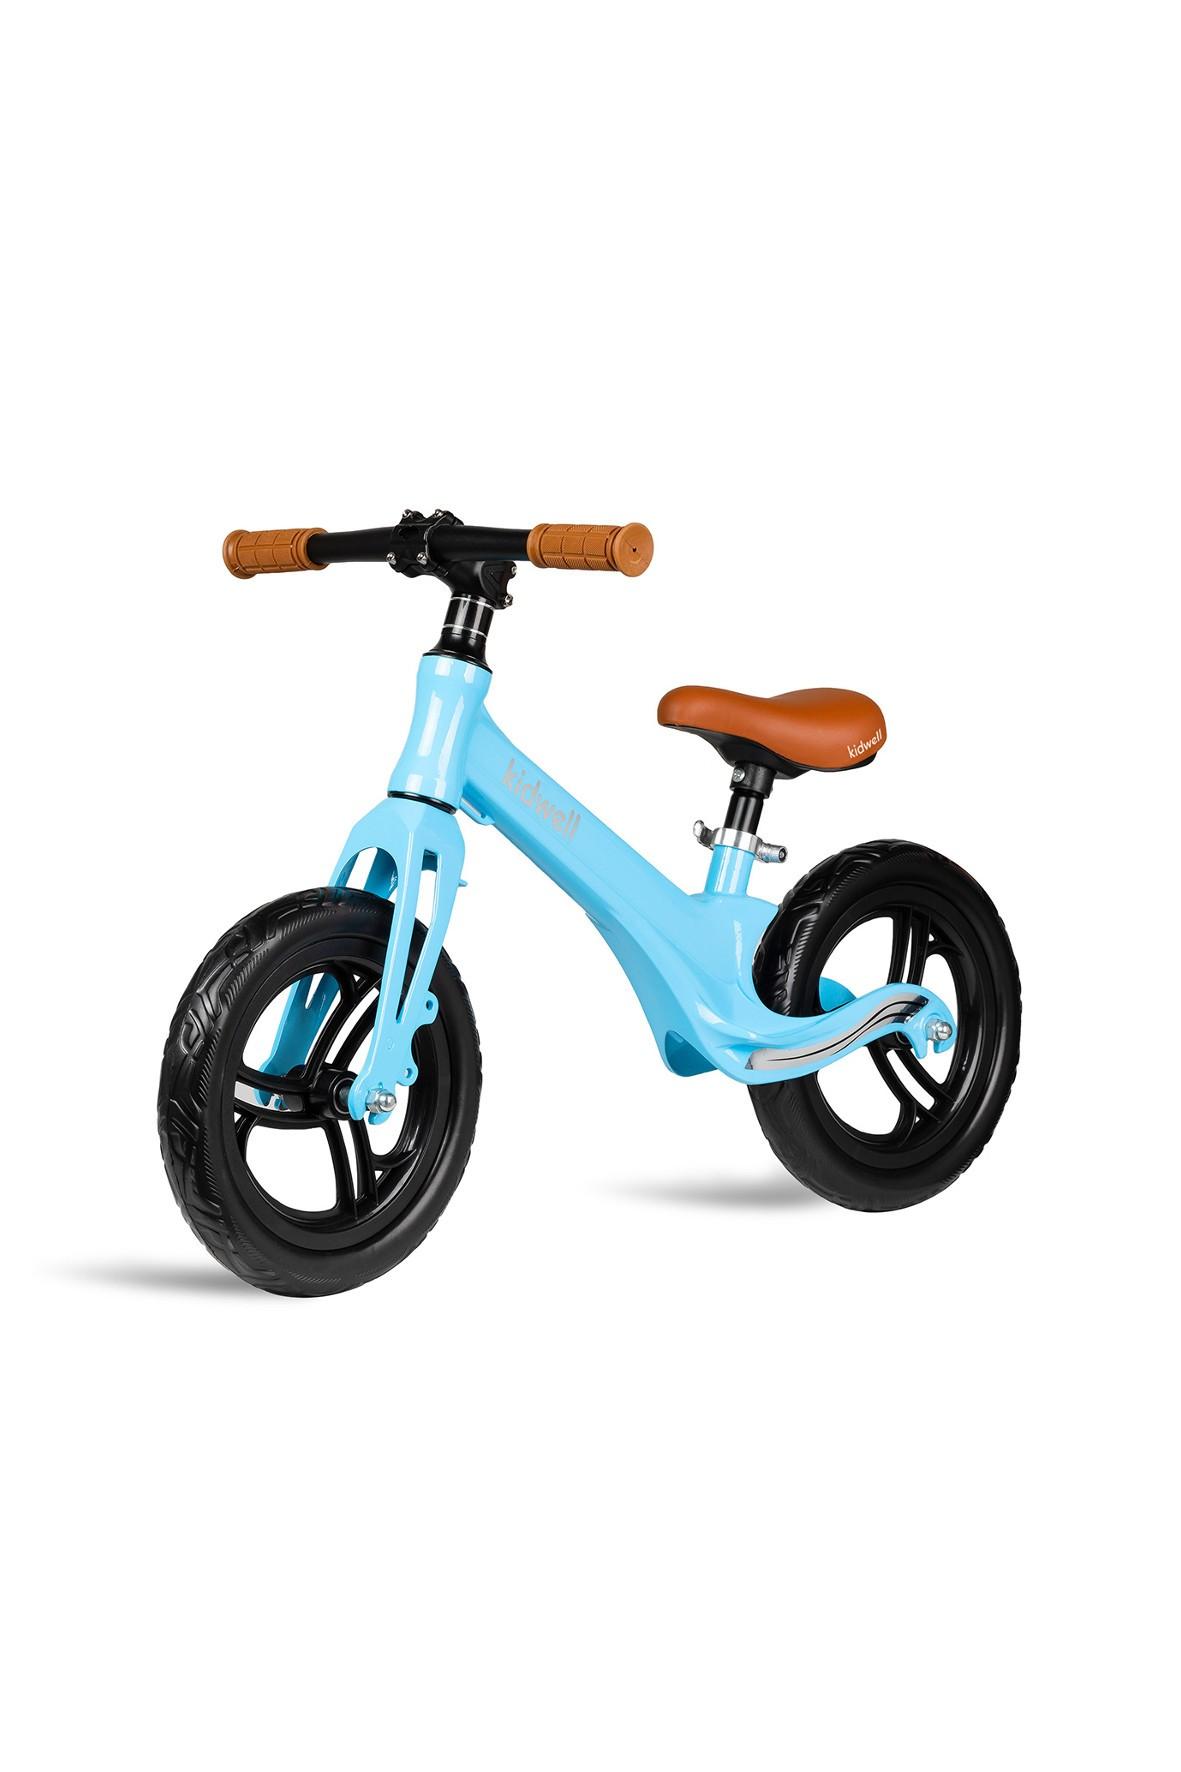 Rower dziecięcy Falcon niebieski do 30kg